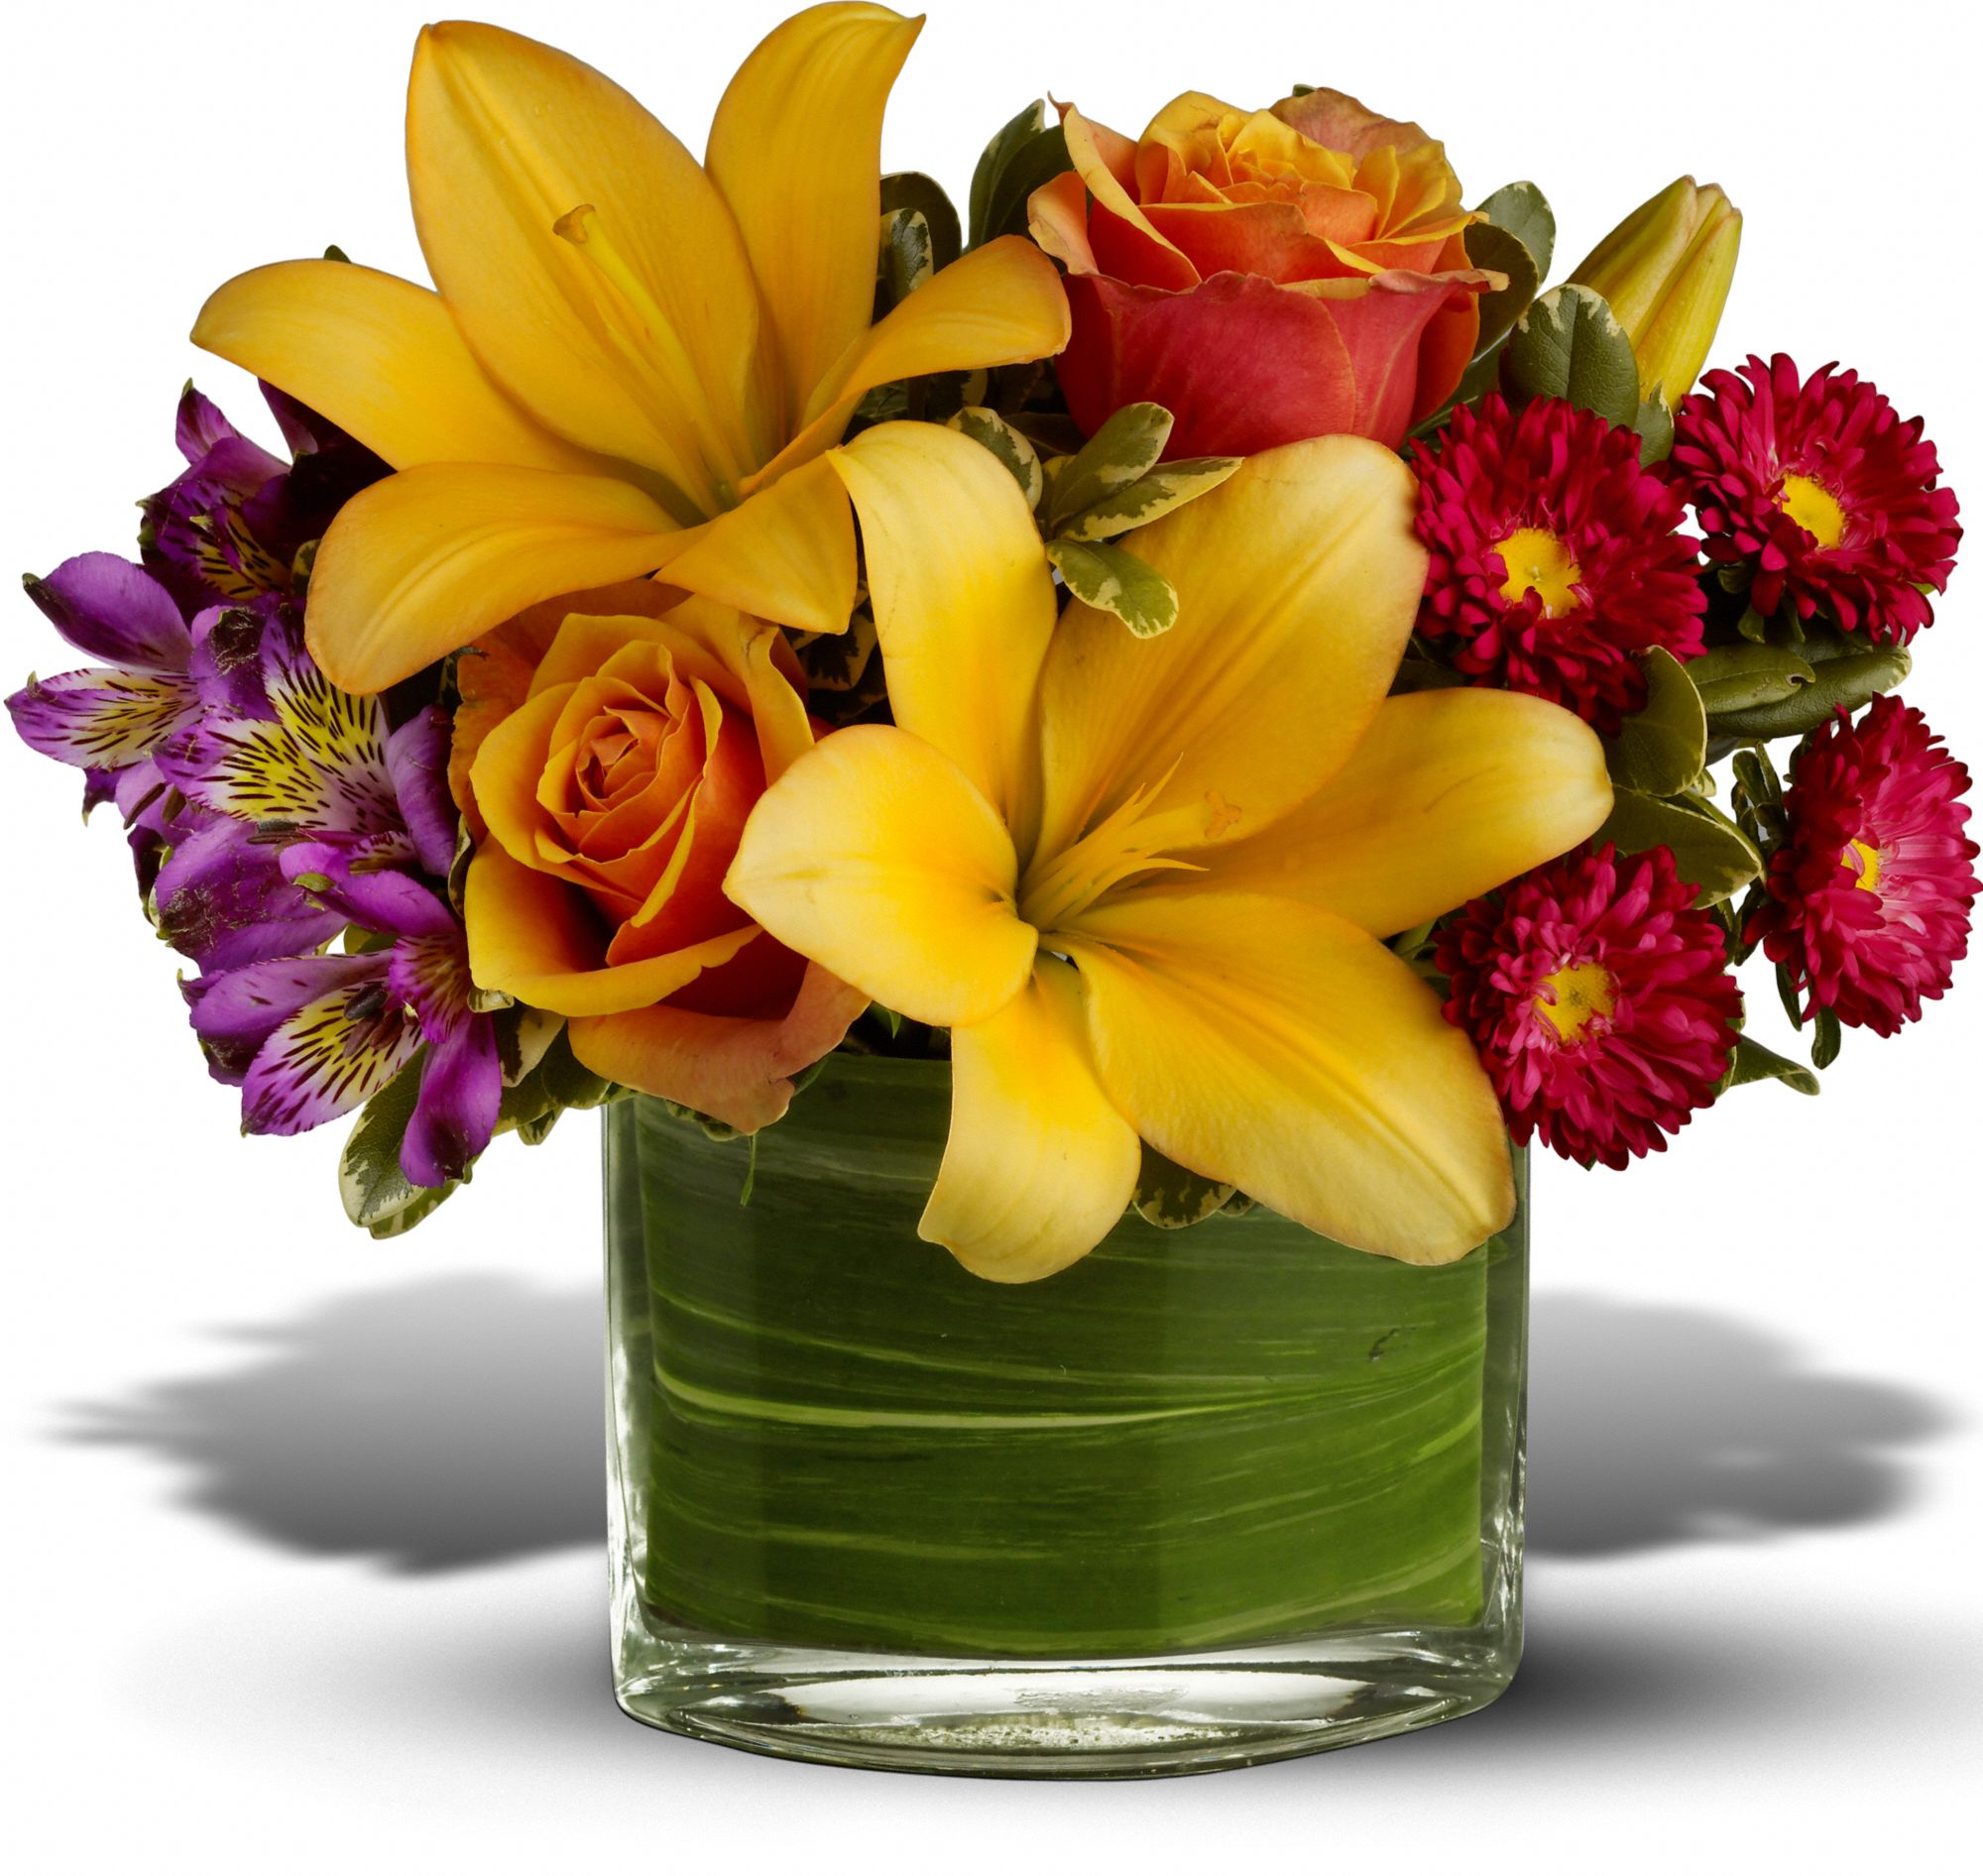 Nouveaux arrangements floraux